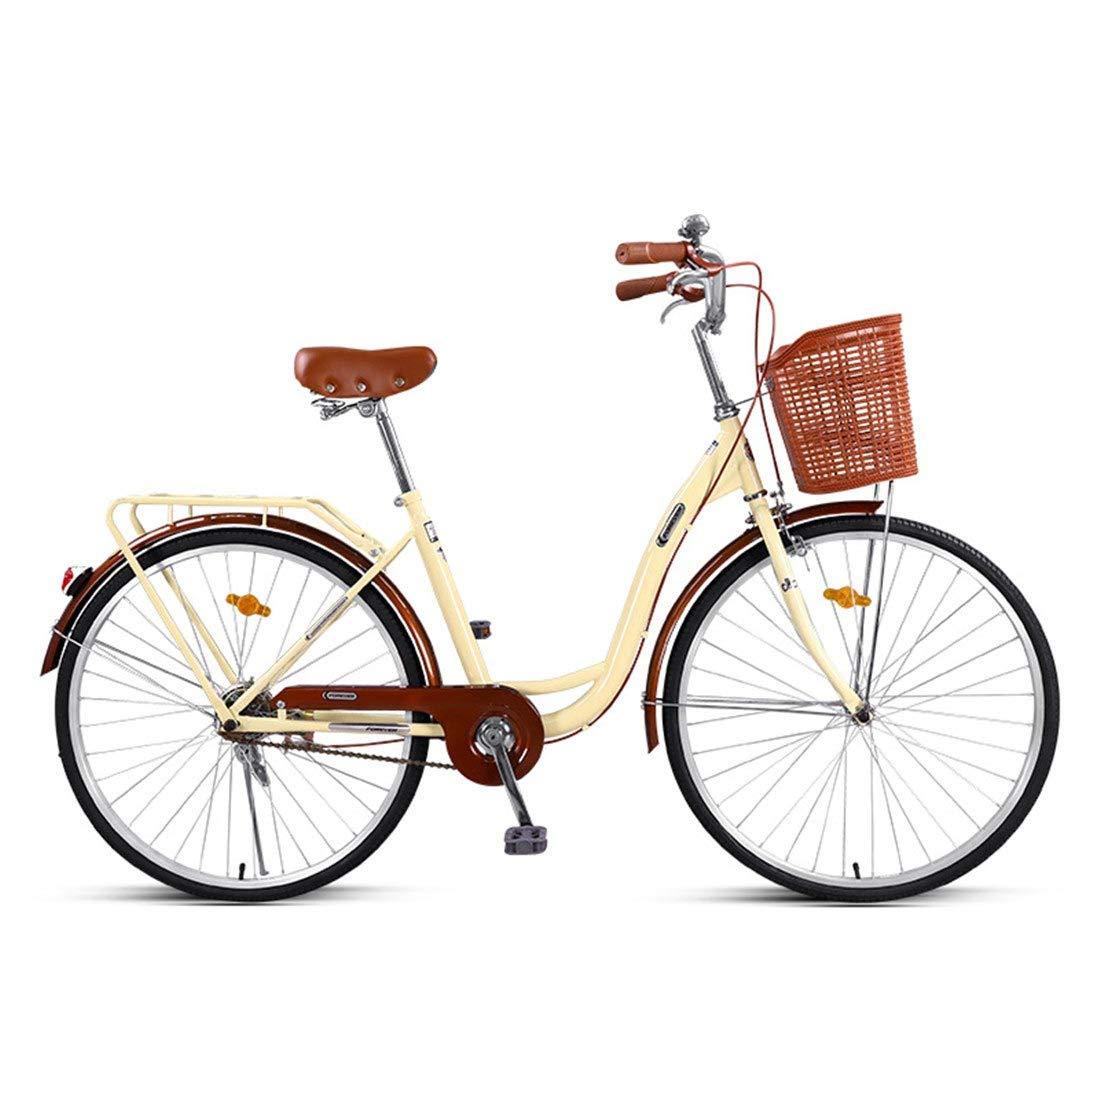 City Bike 26 Zoll Einzeln Geschwindigkeit Fahrrad Leichtgewicht Für Erwachsene Mountainbike Beige